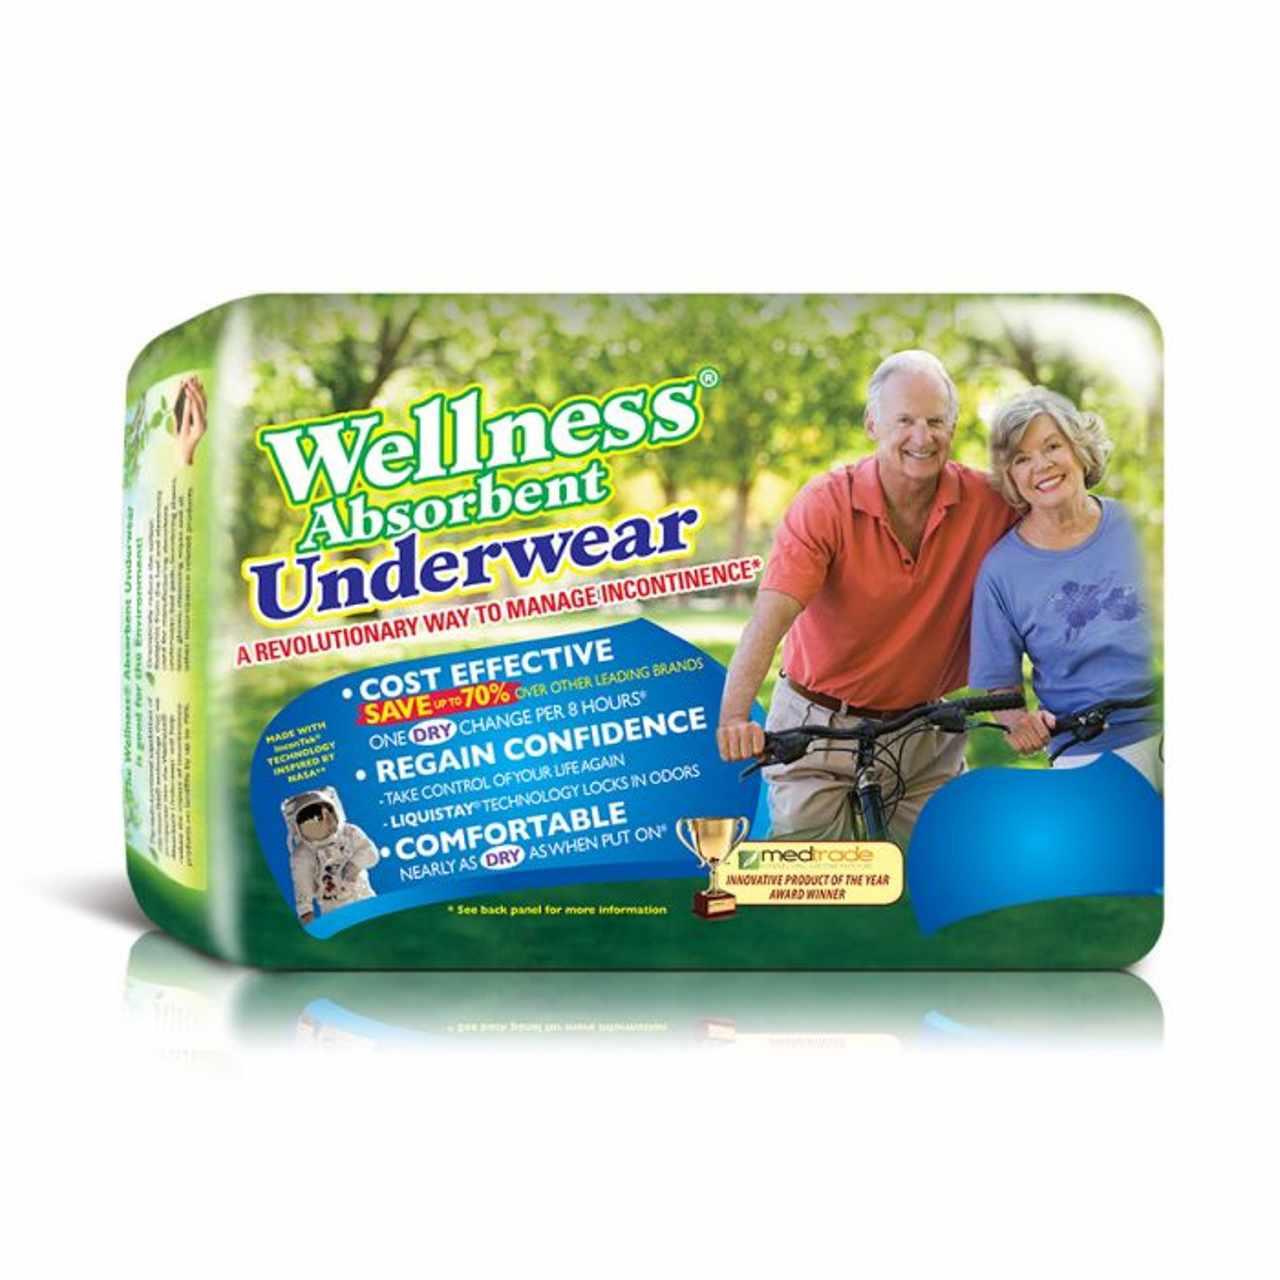 Unique Wellness Absorbent Underwear